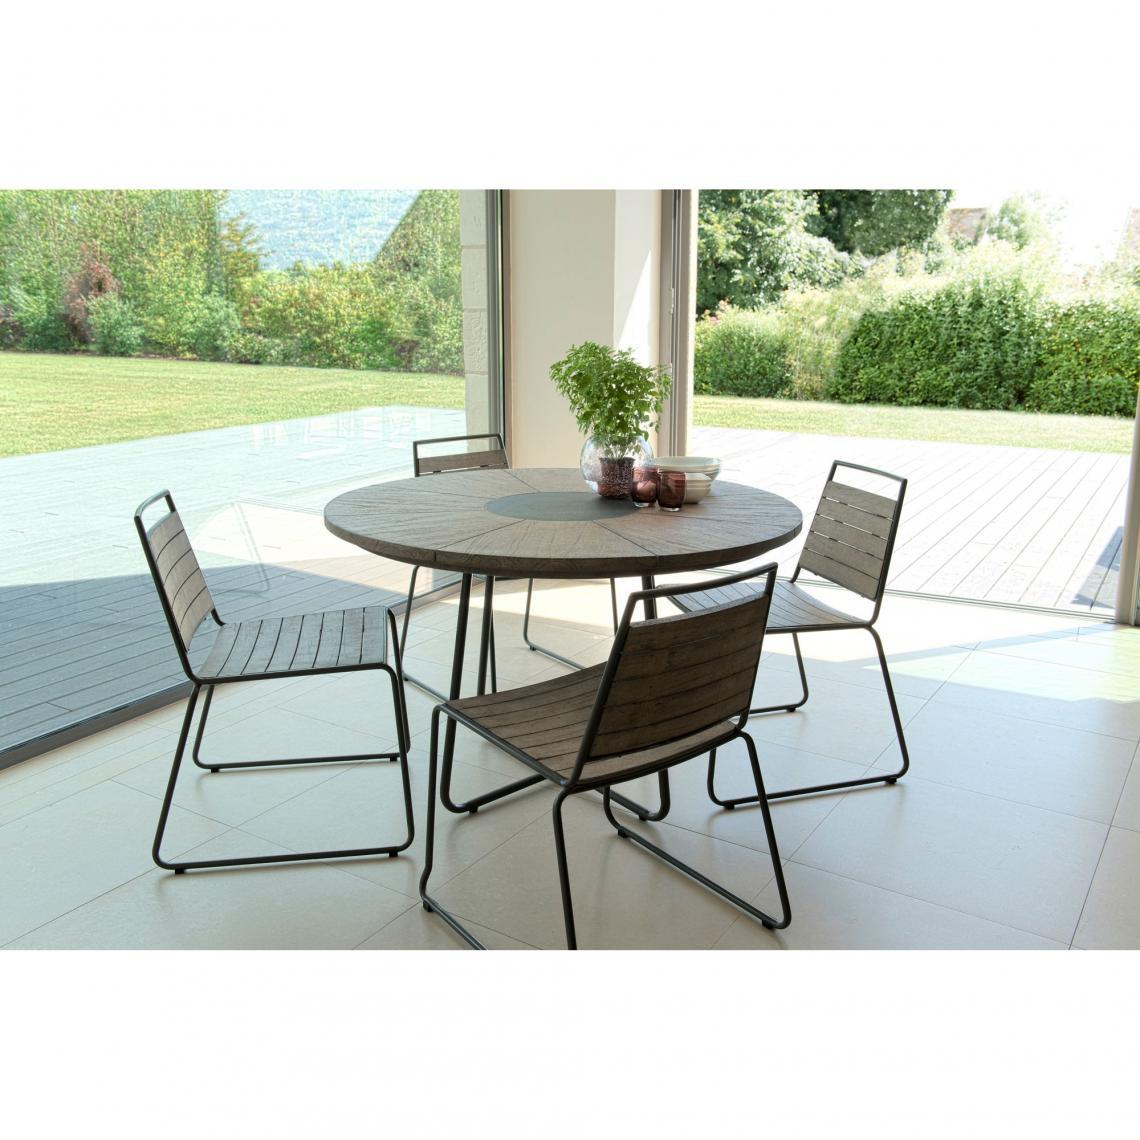 salon de jardin en bois teck grise 4 6 pers ensemble de jardin 1 table ronde 120 cm et 4 chaises empilables pieds metal